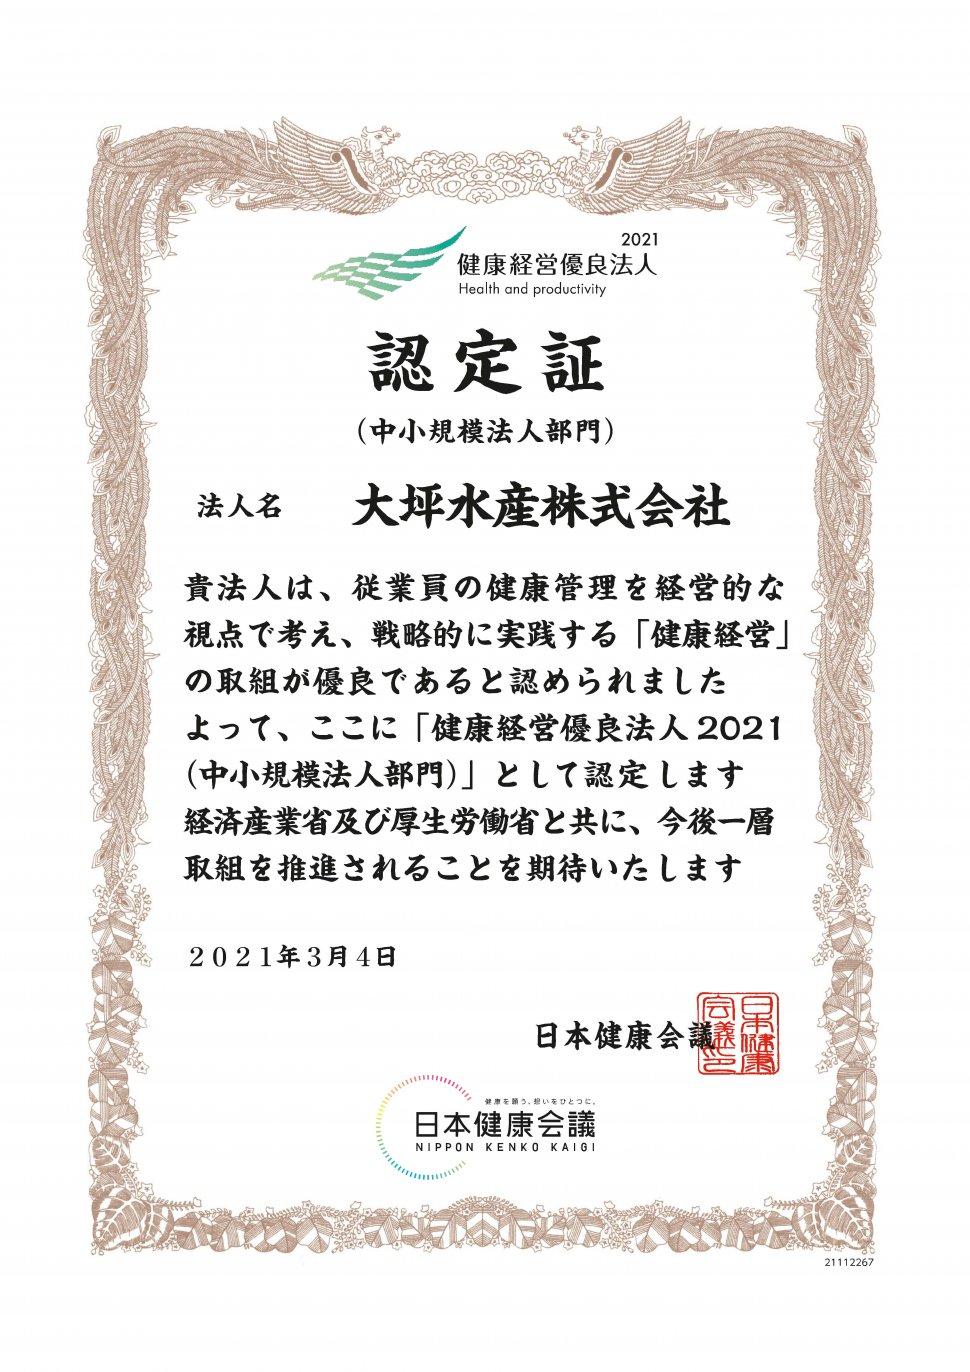 21112267_大坪水産株式会社